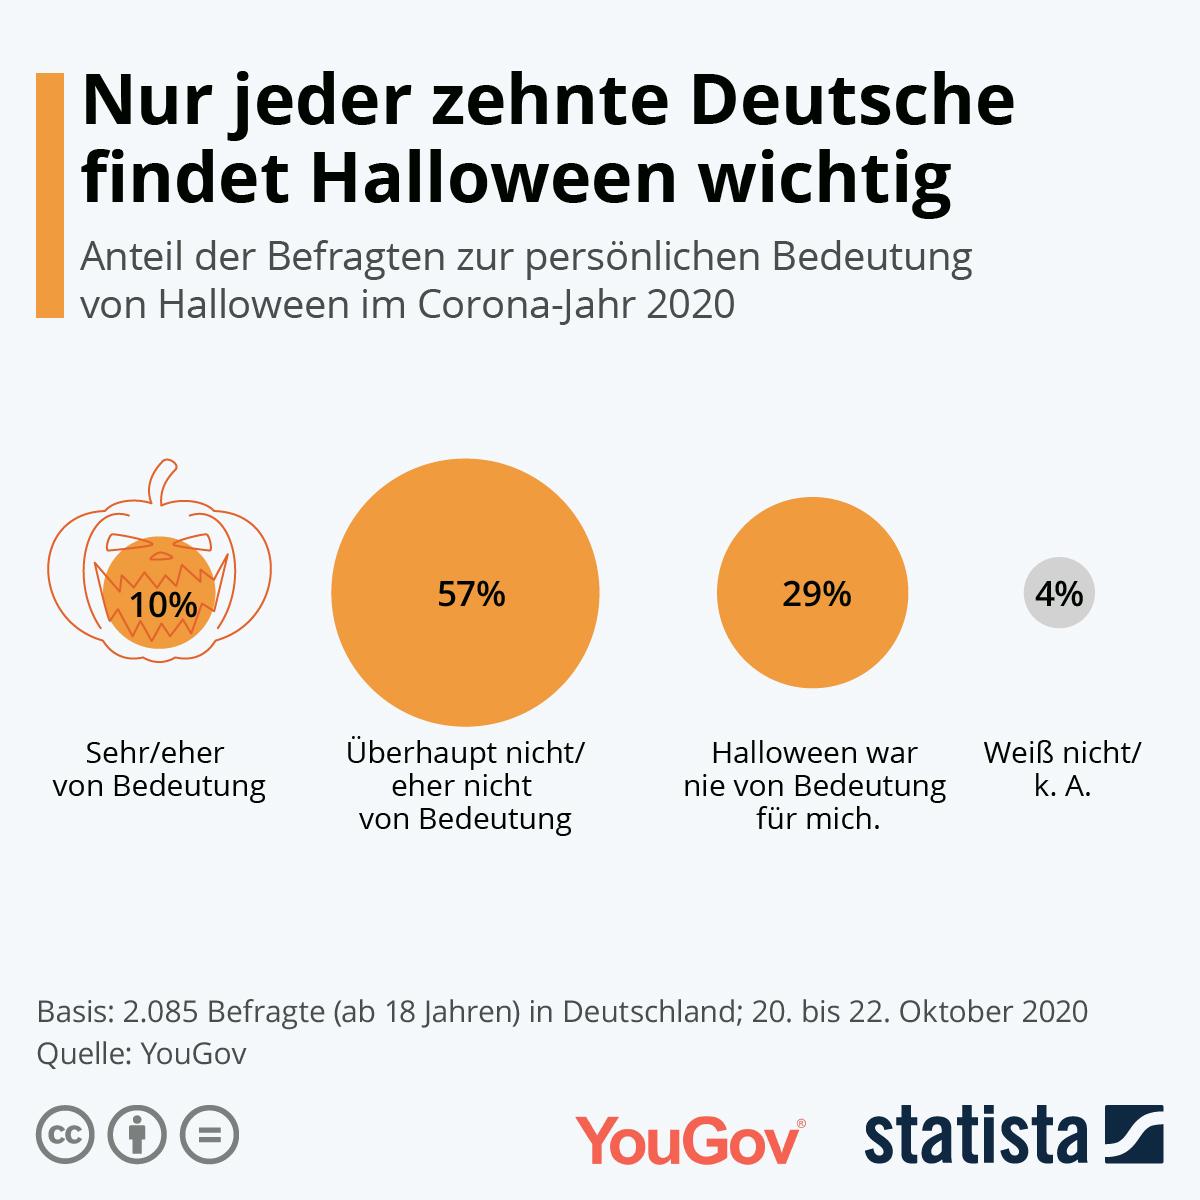 Nur für jeden Zehnten ist Halloween in diesem Jahr wichtig